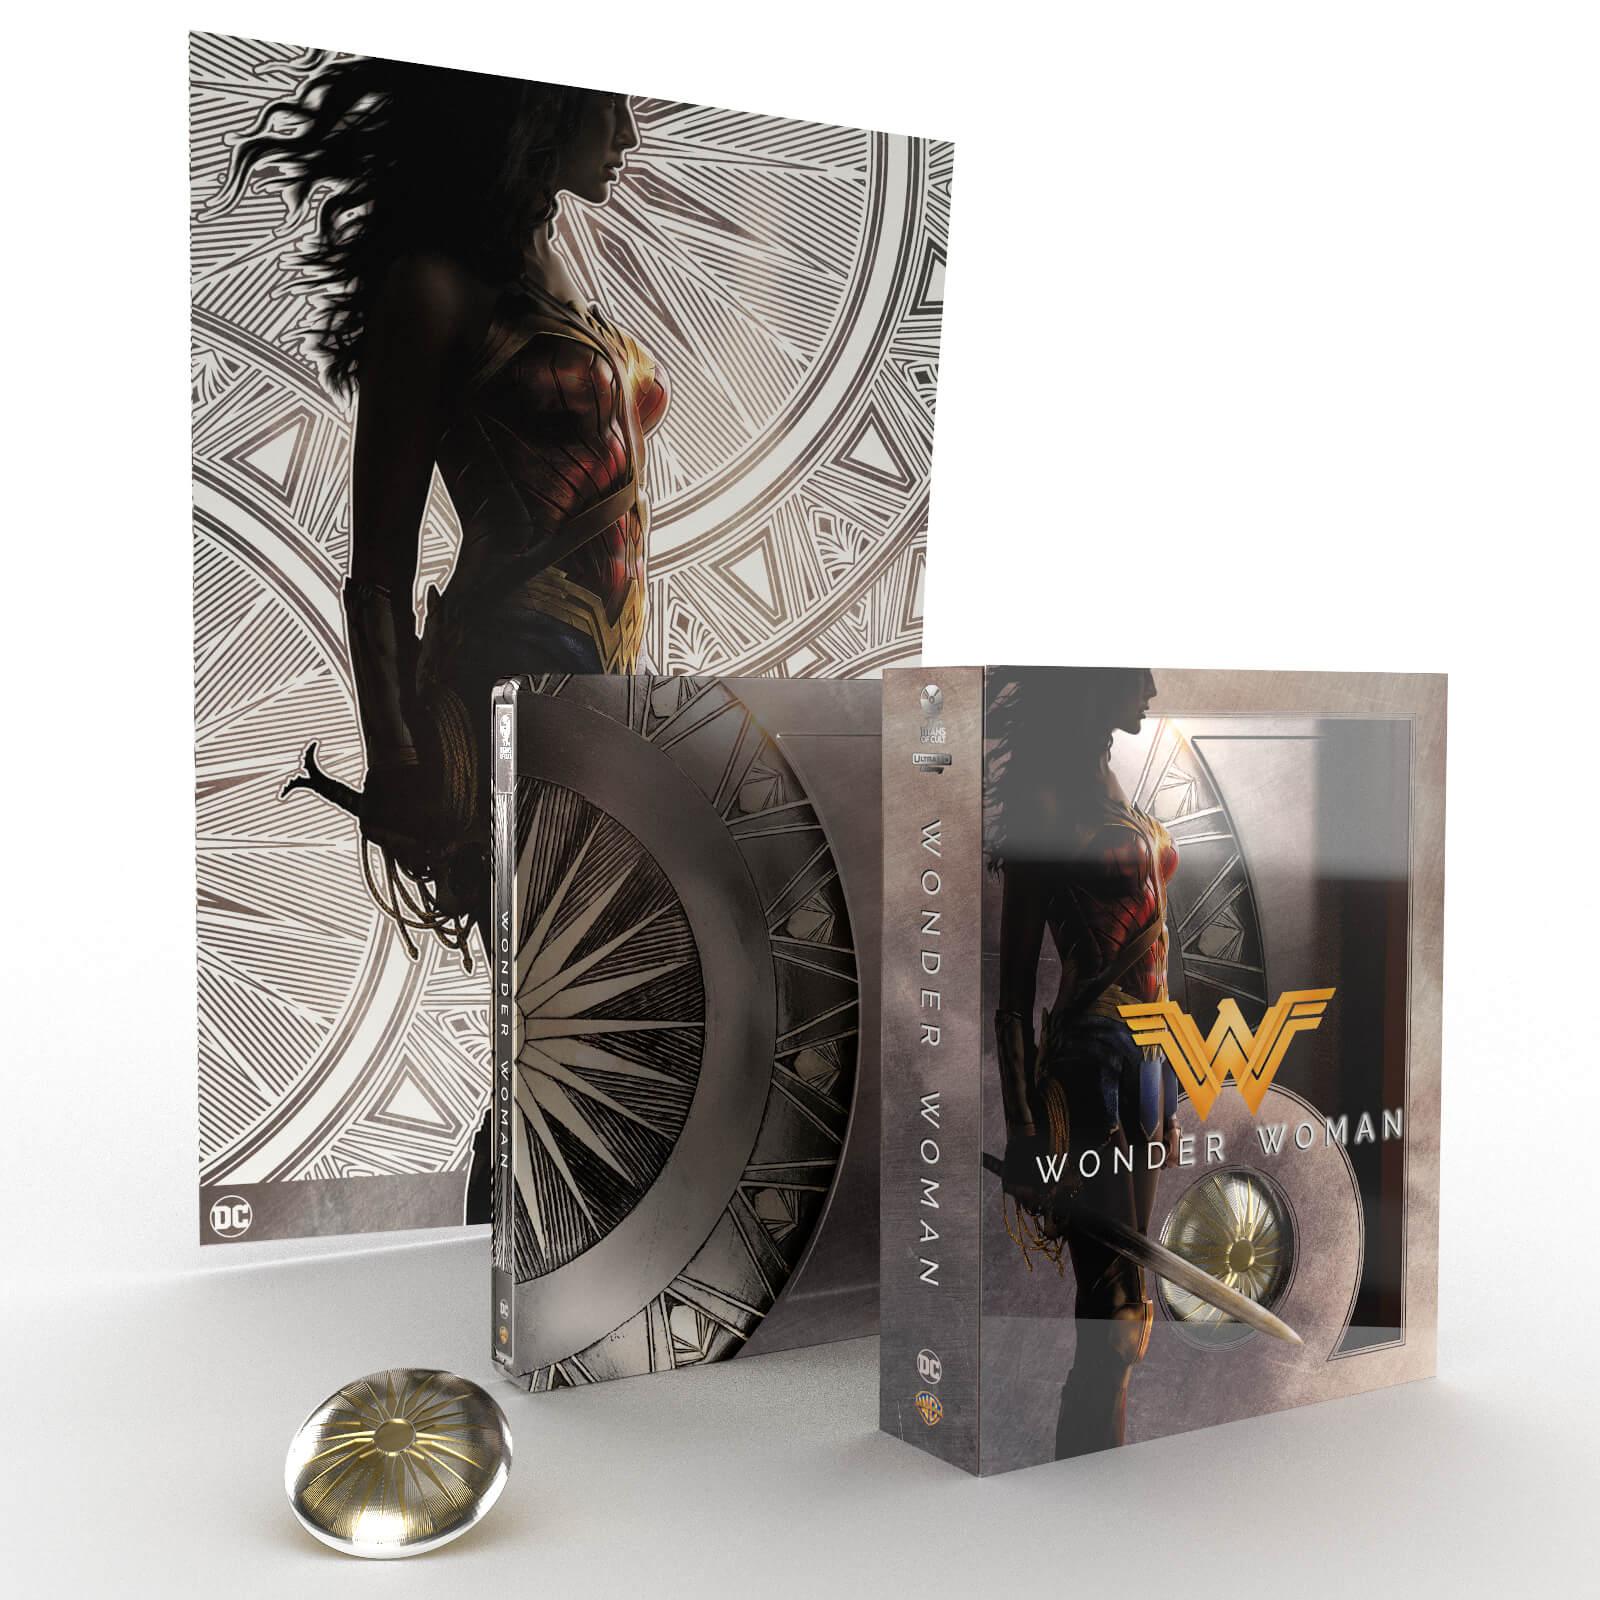 ワンダーウーマン TITANS OF CULT スチールブック wonder woman steelbook